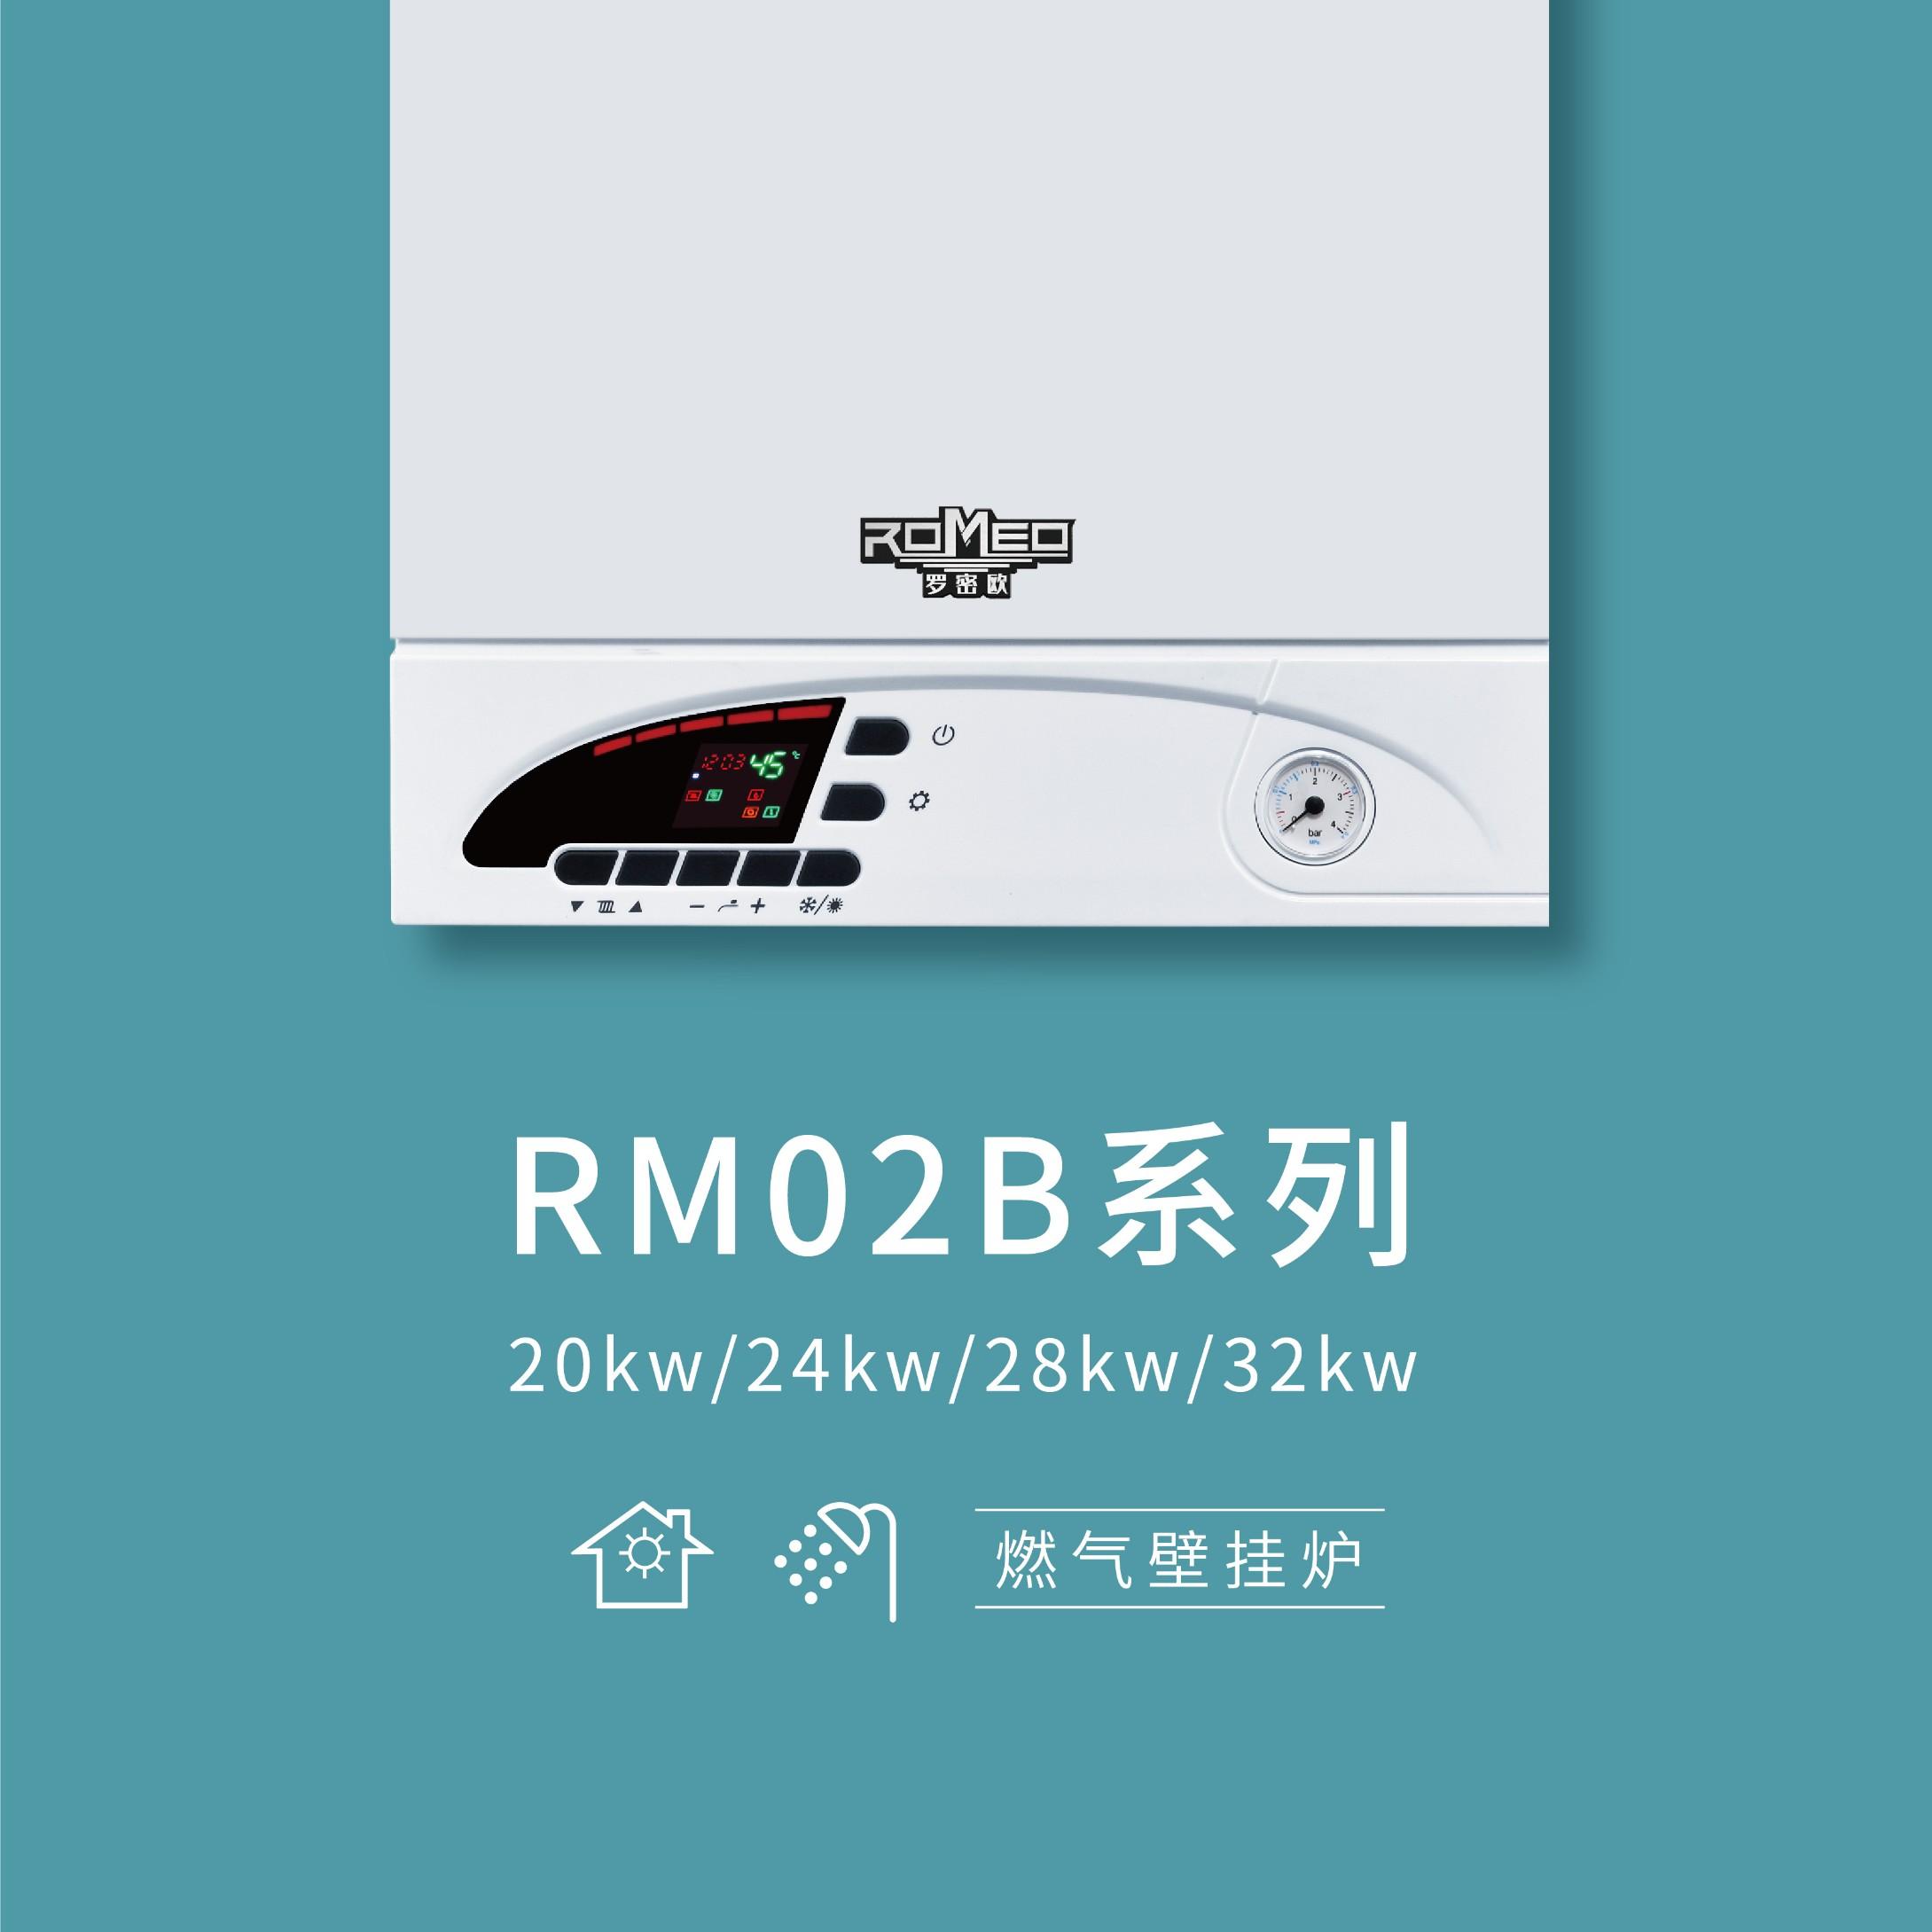 壁挂炉RM02B低氮机